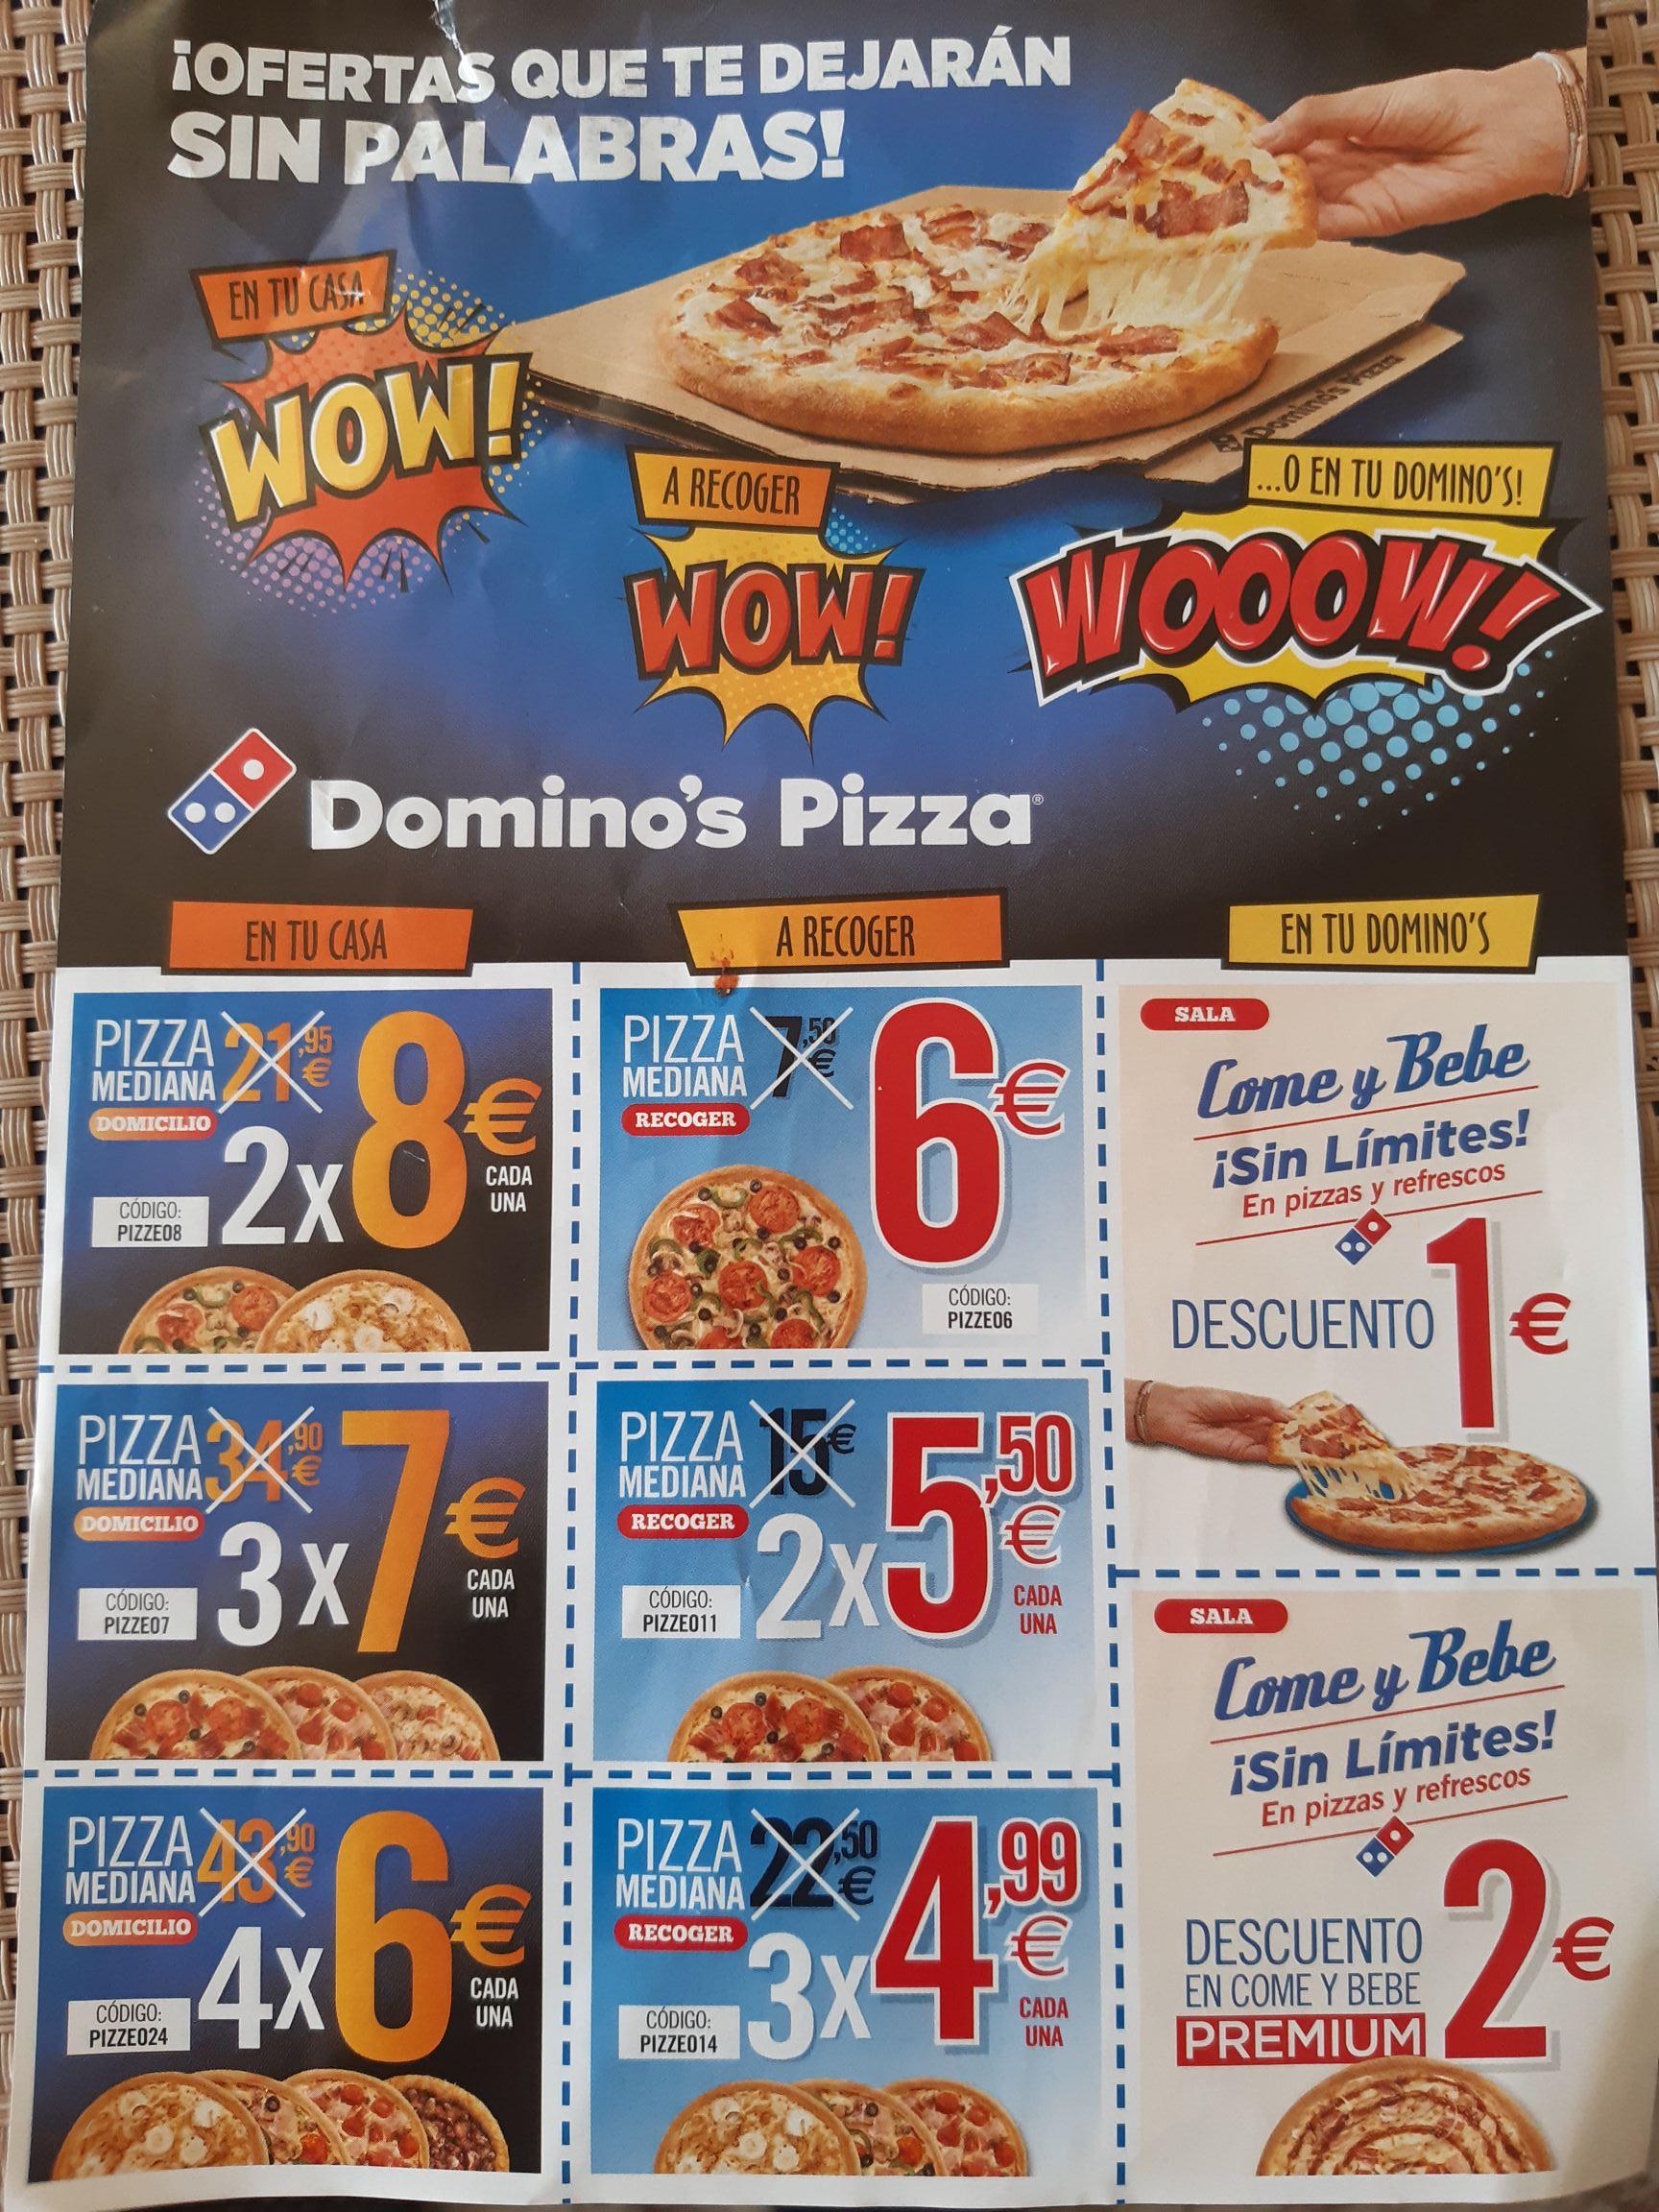 Domino's: 4 Medianas por 24€